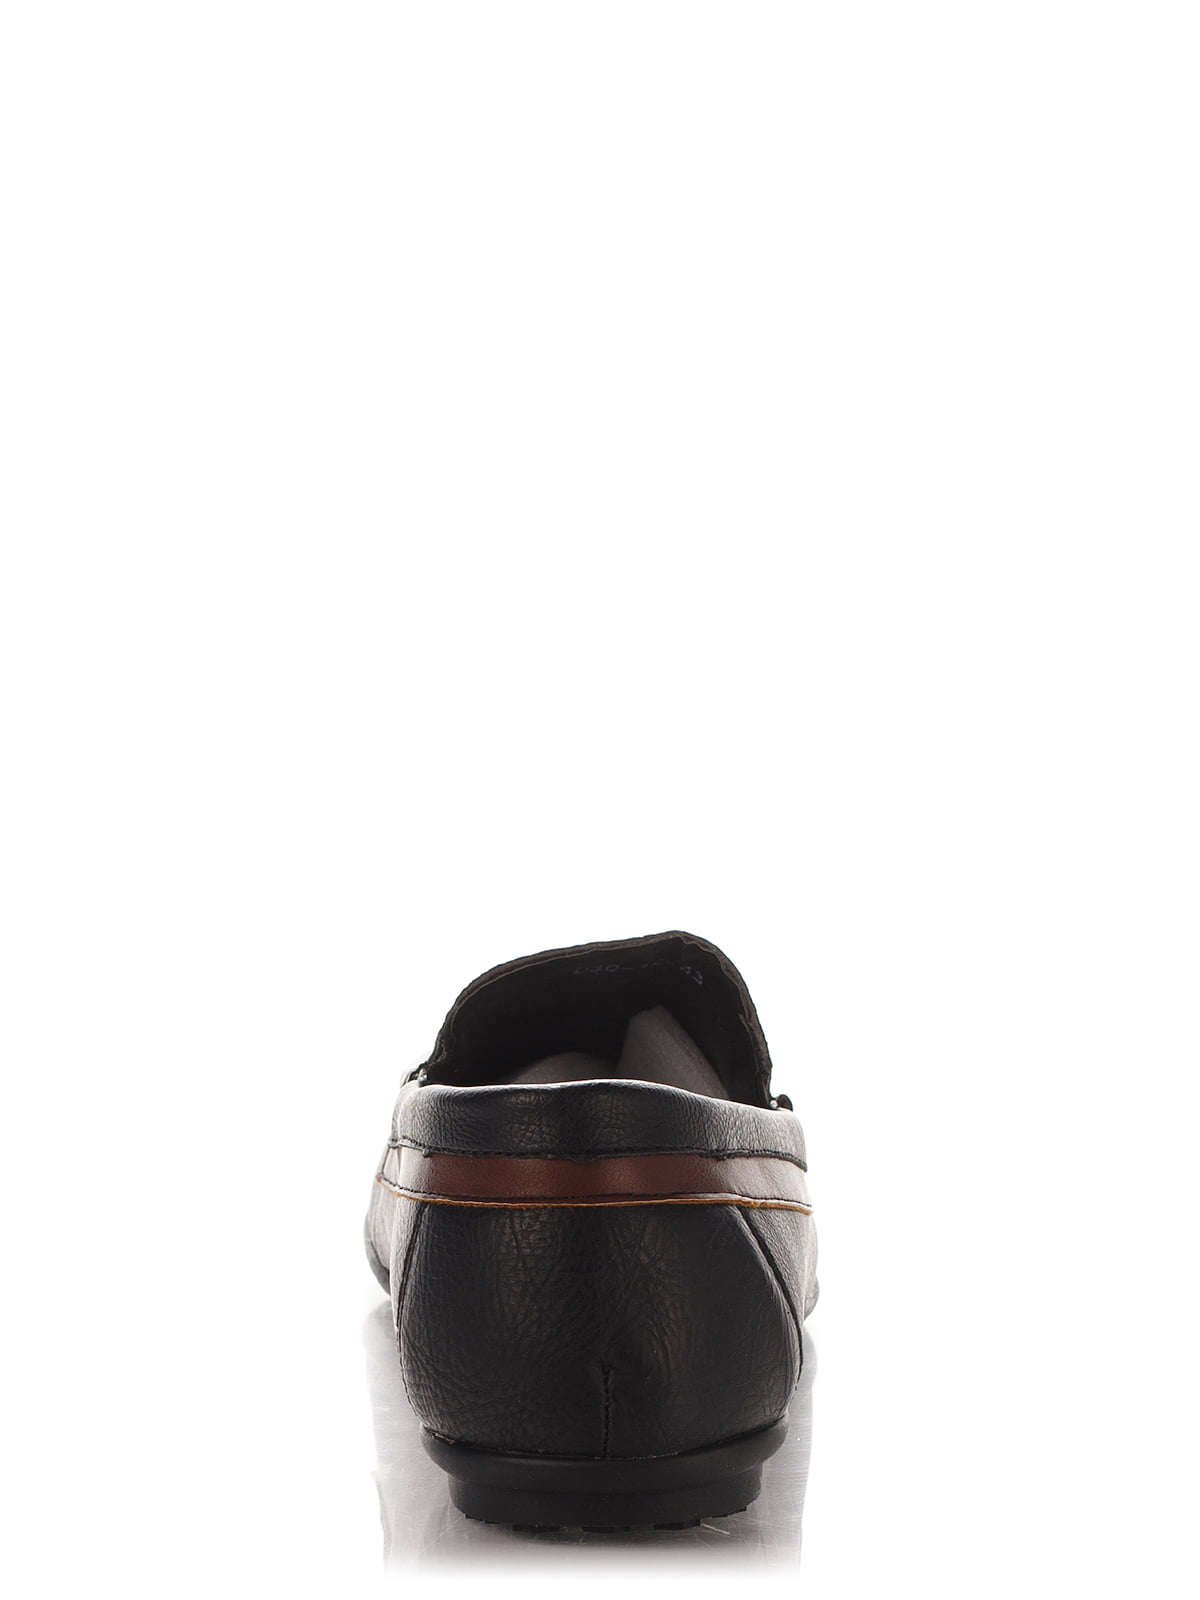 Мокасины черные | 3483394 | фото 4